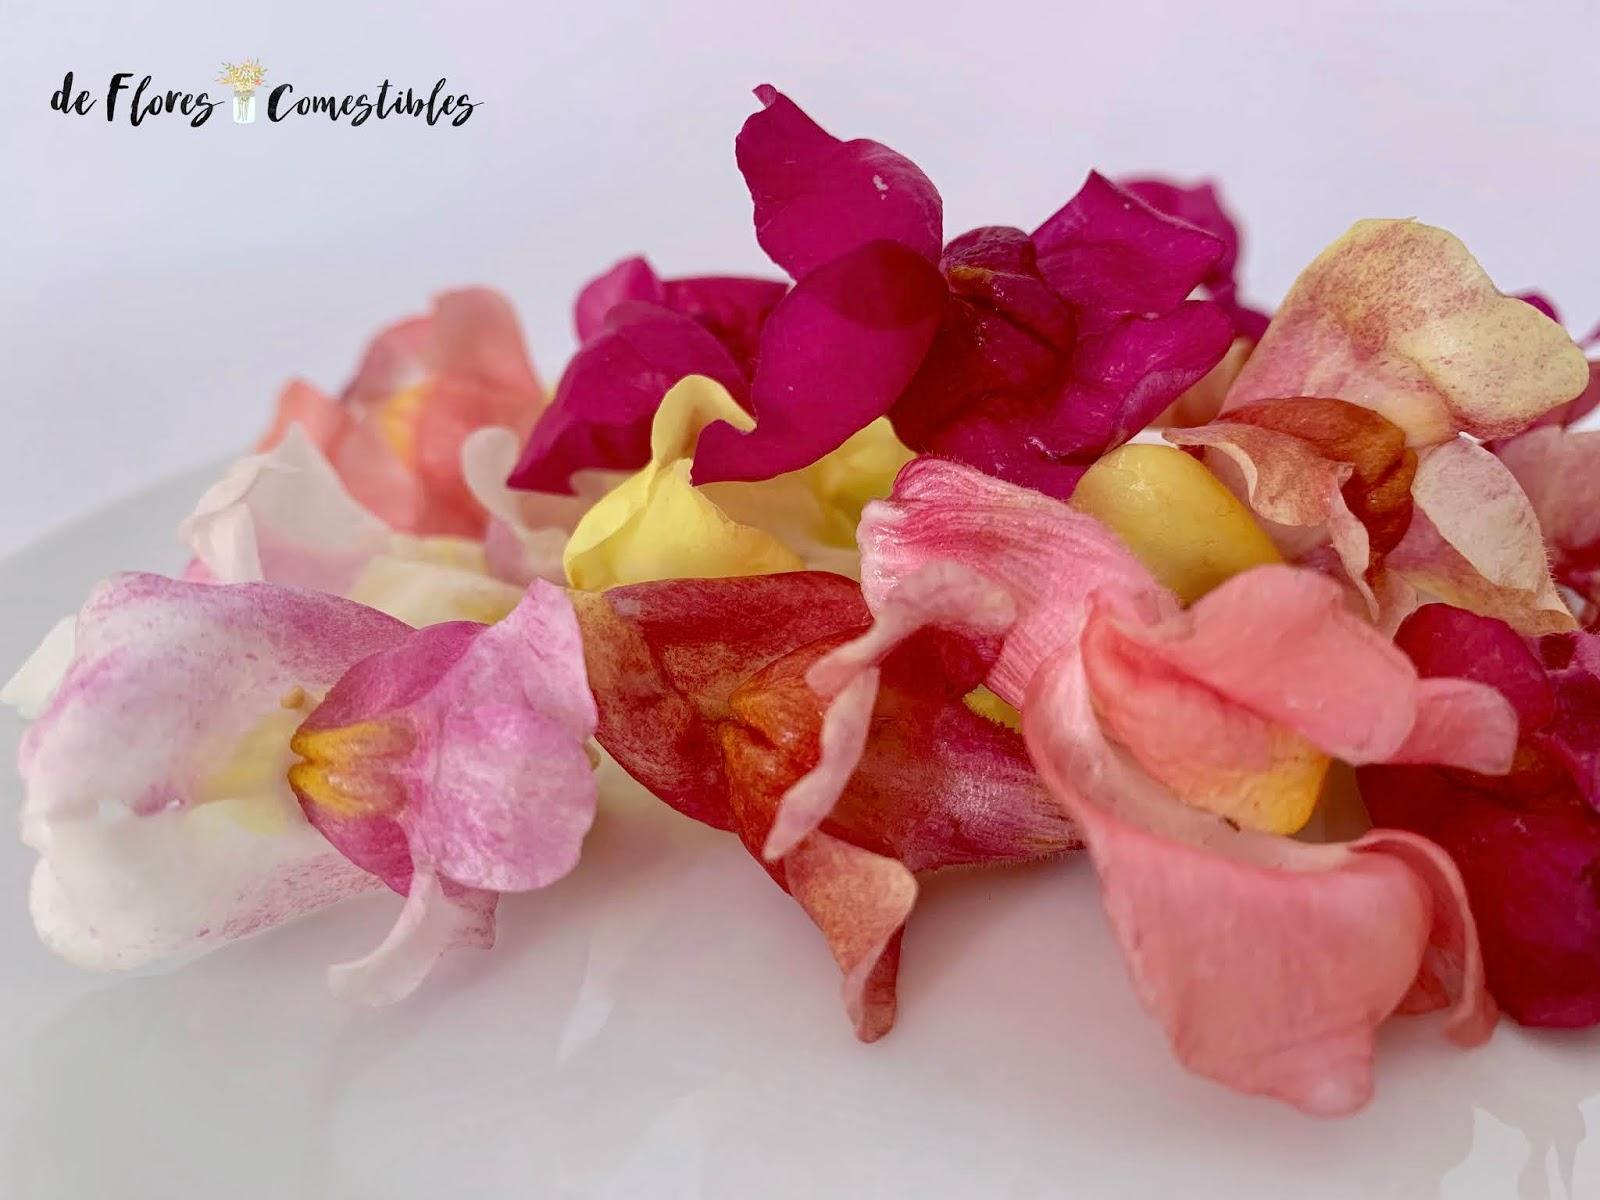 boca de dragón flor comestible